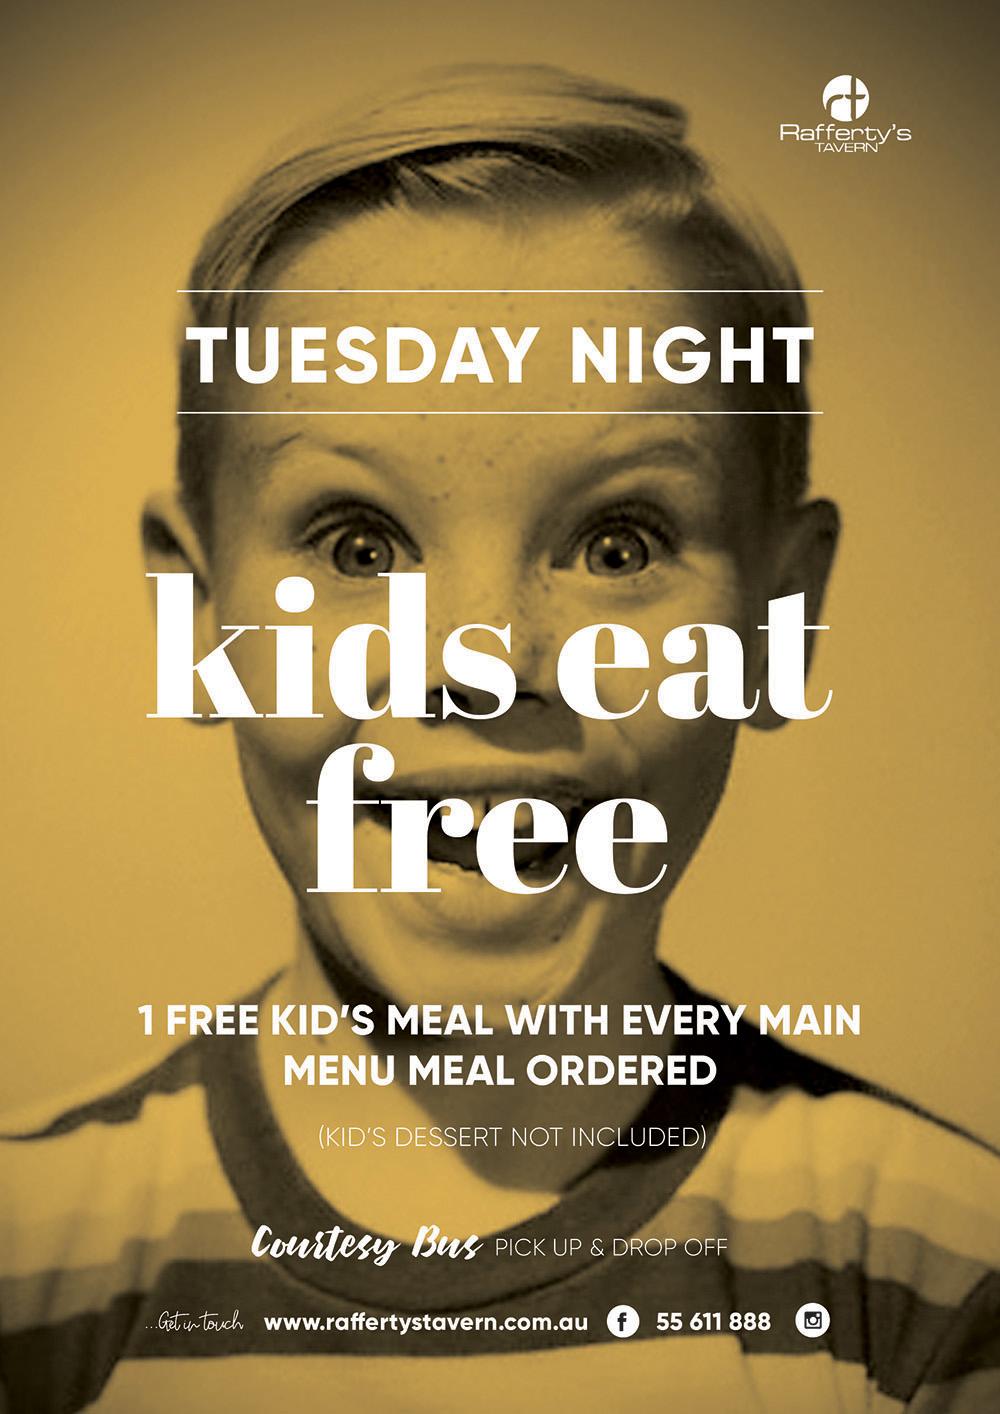 RT_TUE-kids-eat-free-fa